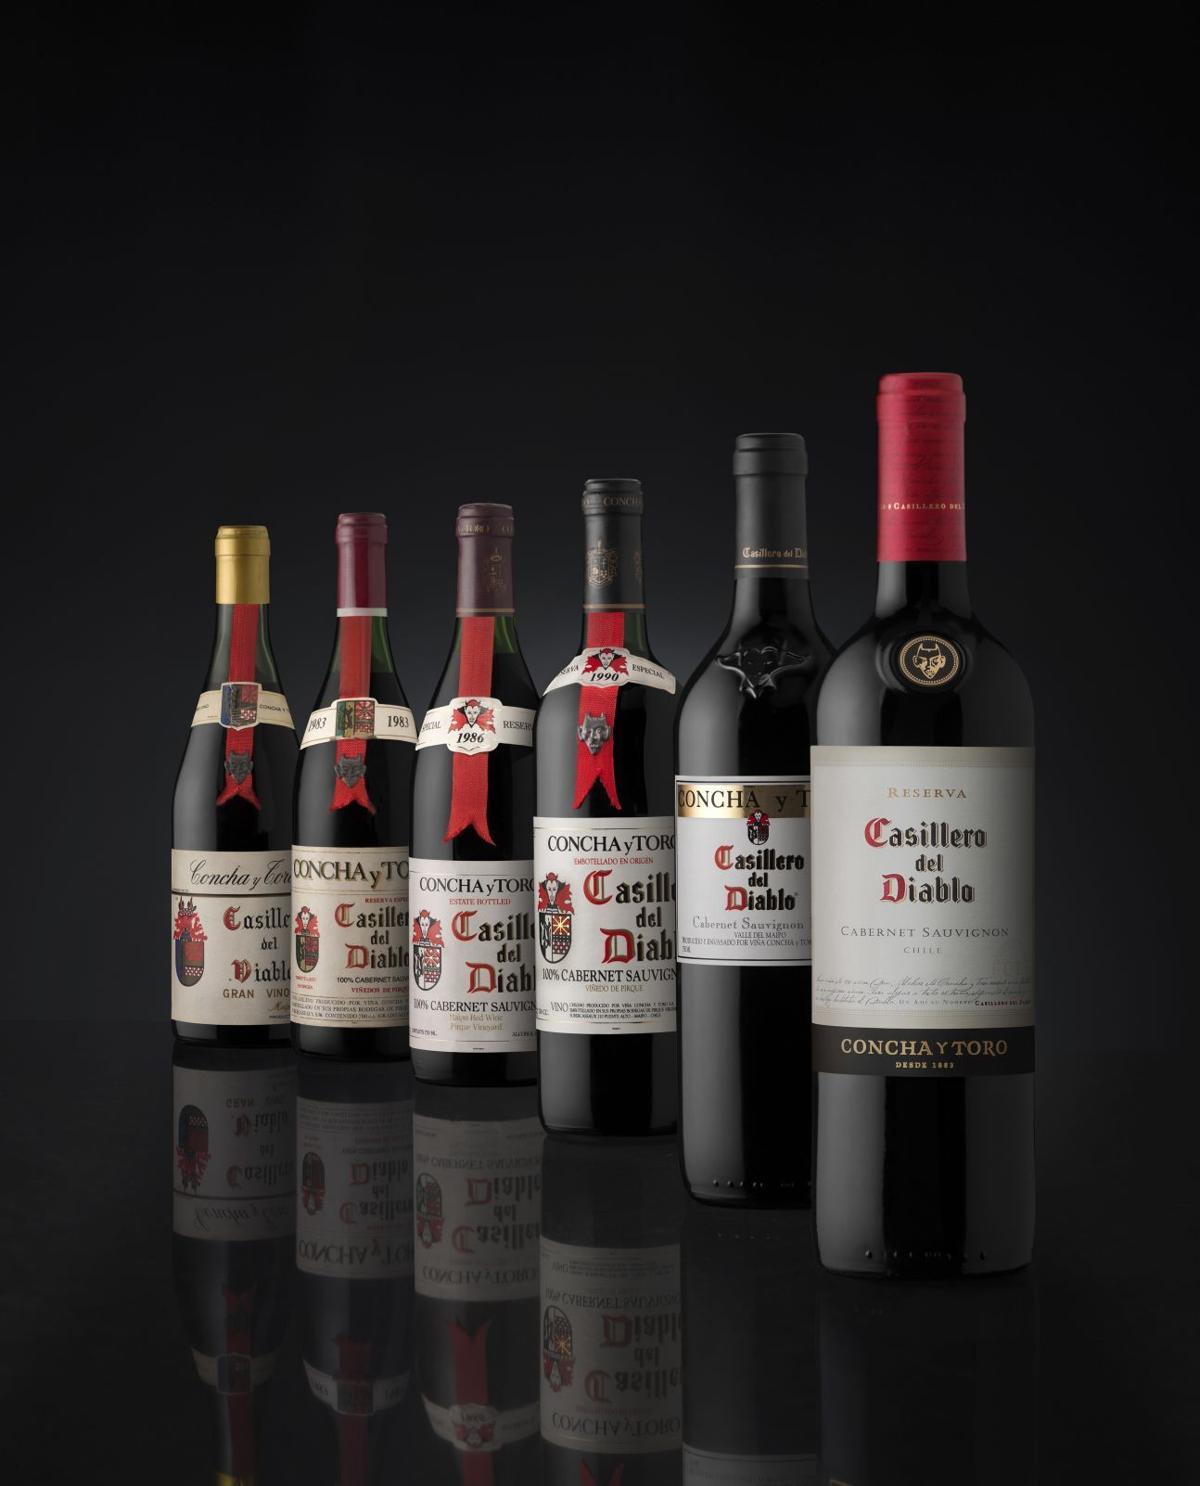 Casillero del Diablo wines